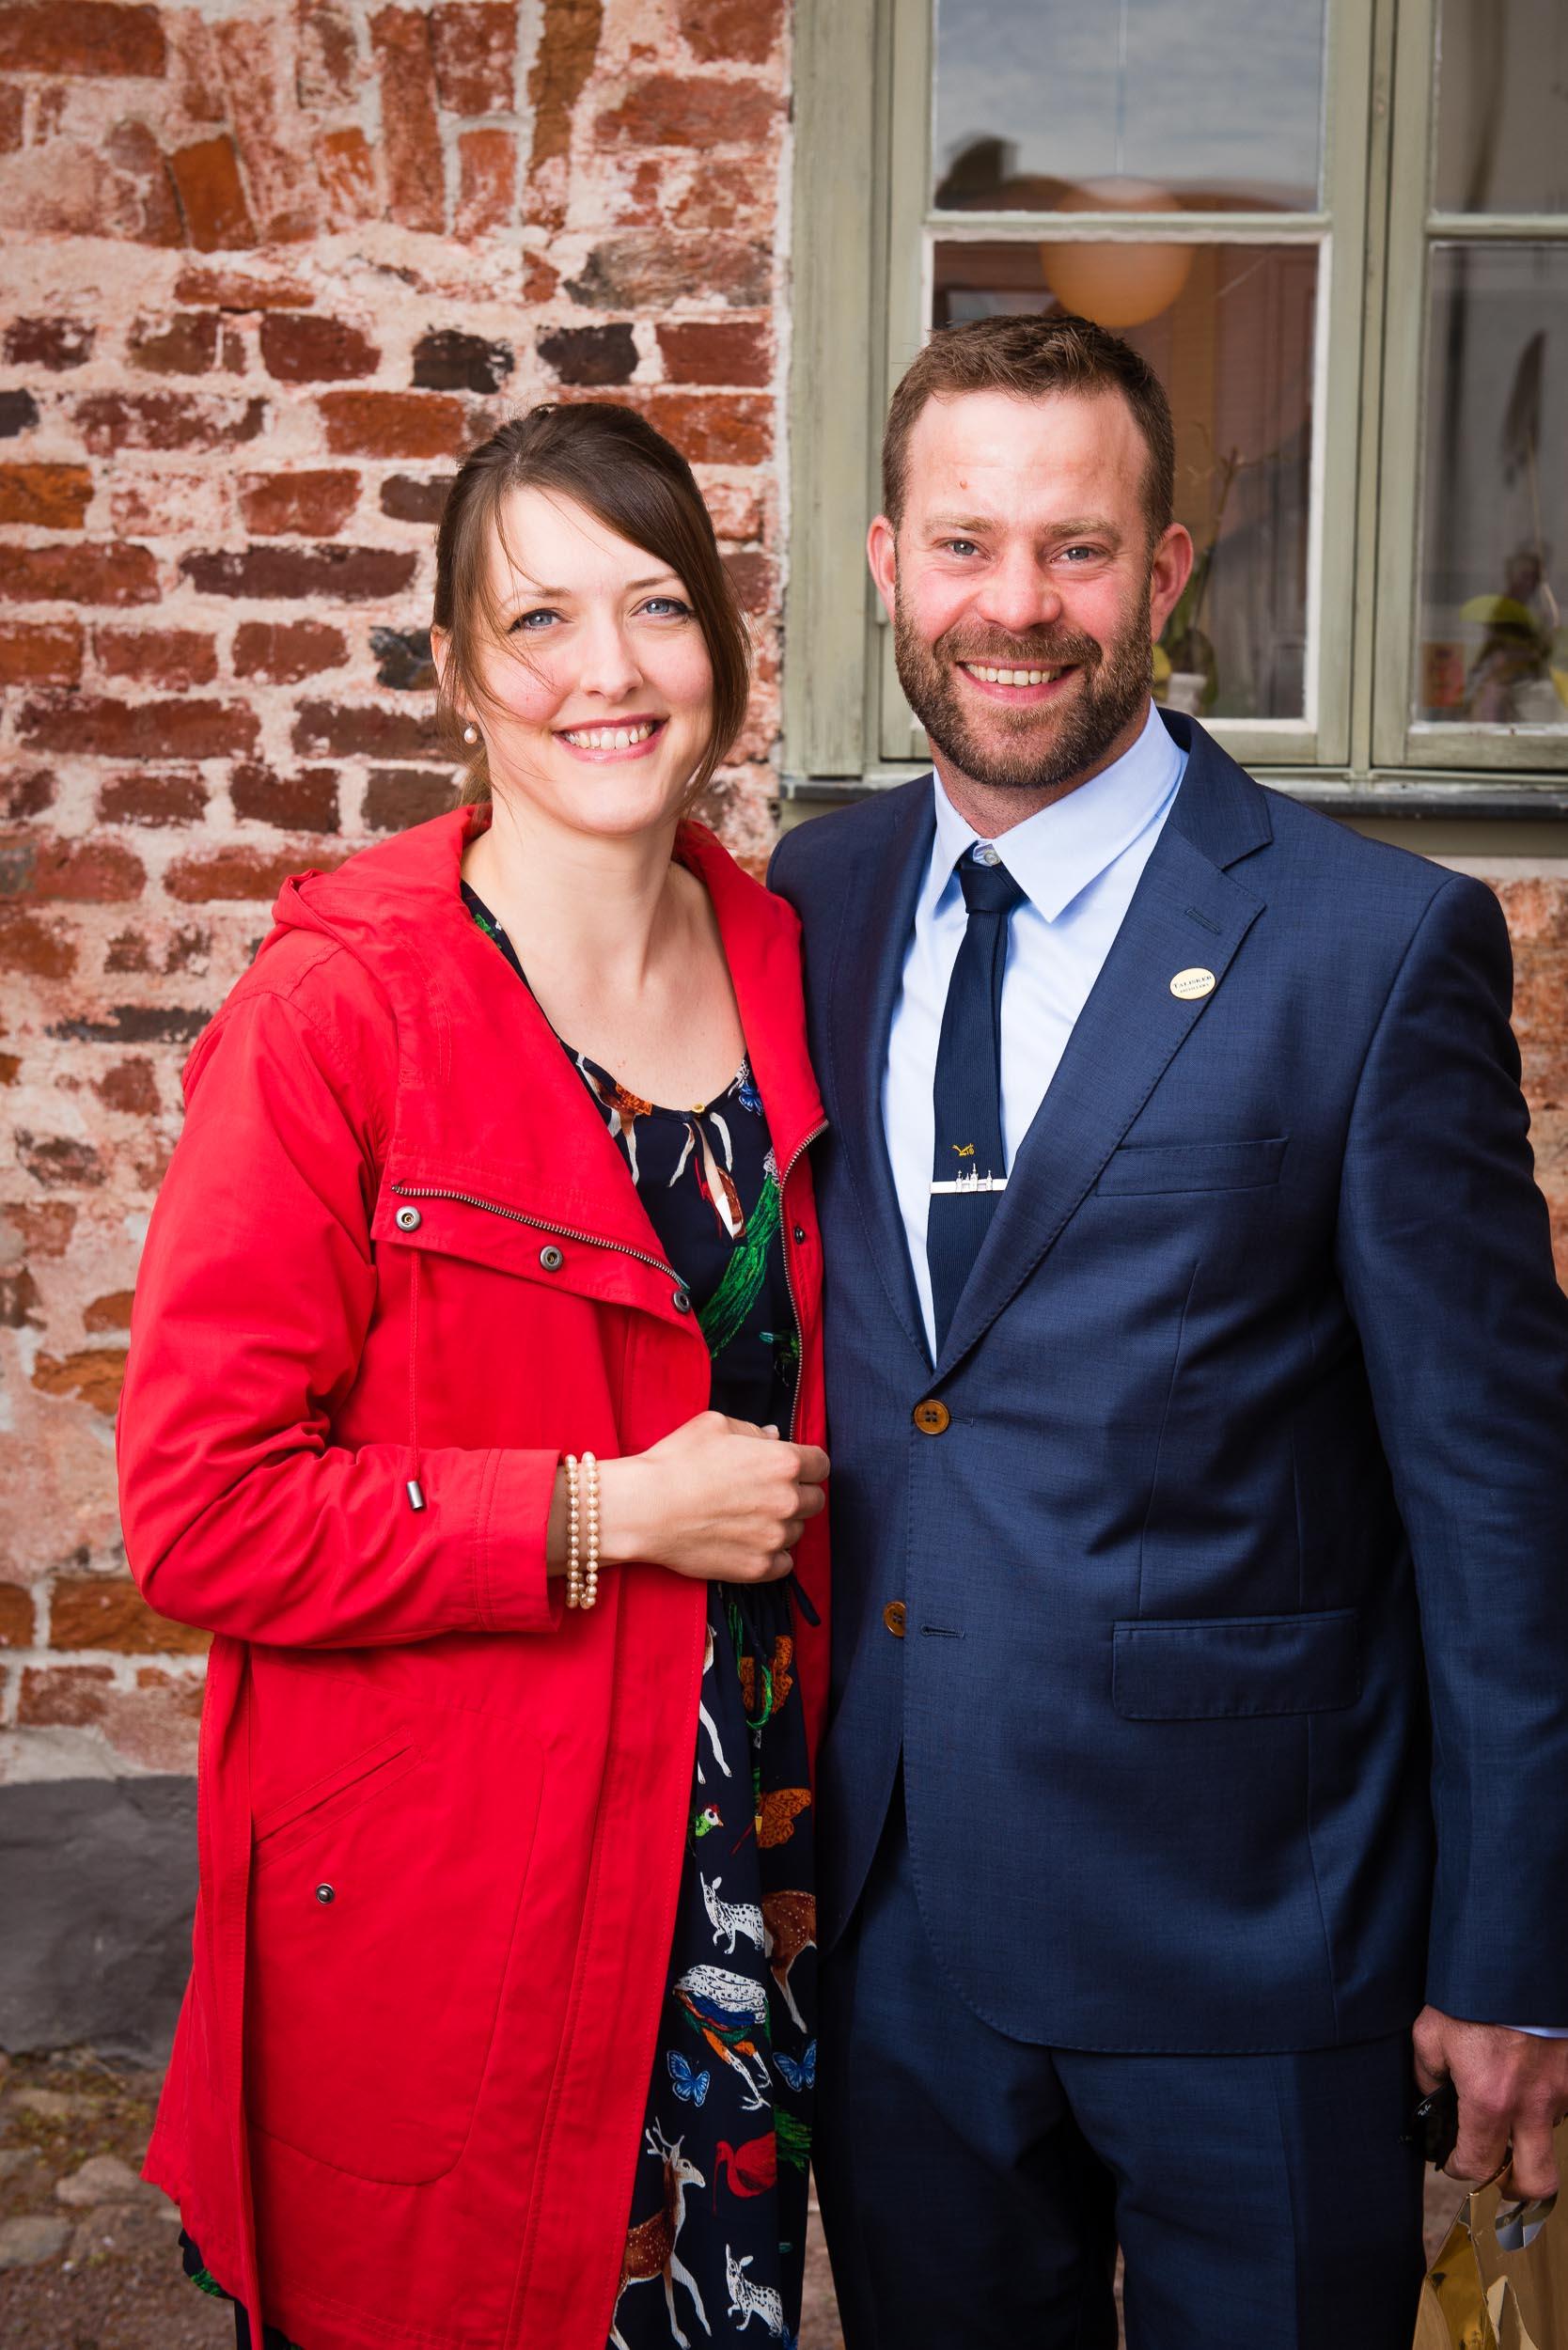 bröllopsfoto-bäckaskog-juni17-3-2.jpg